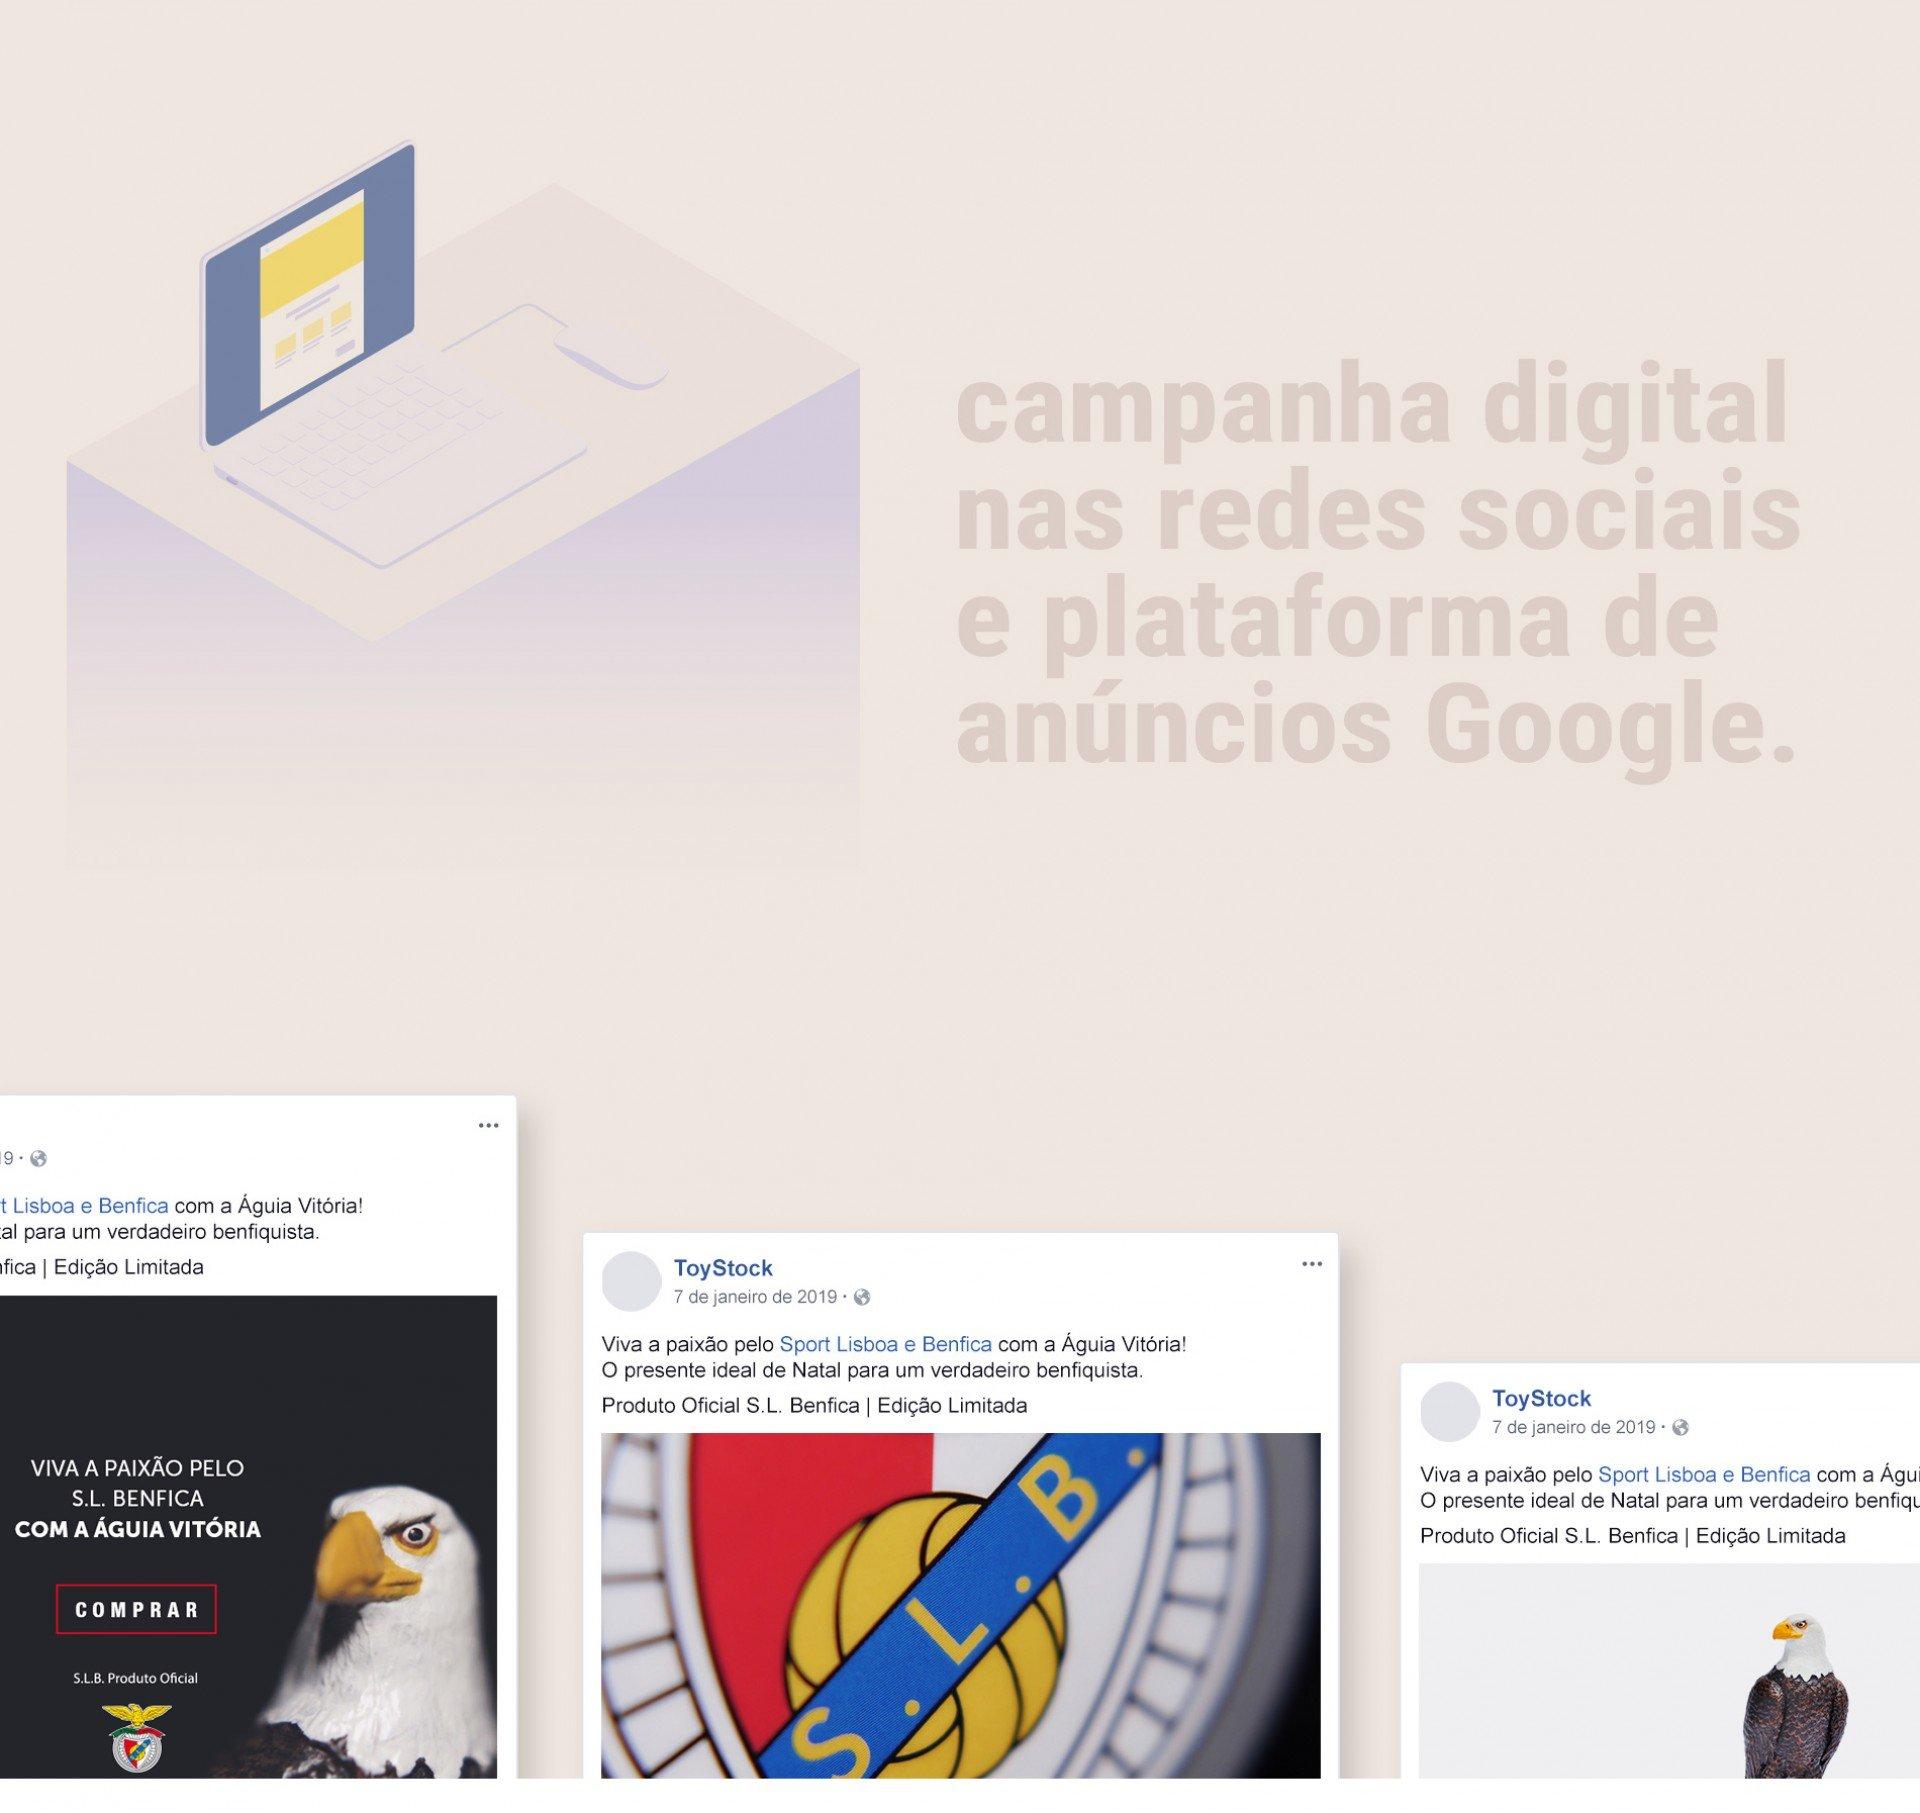 Campanha digital nas redes sociais